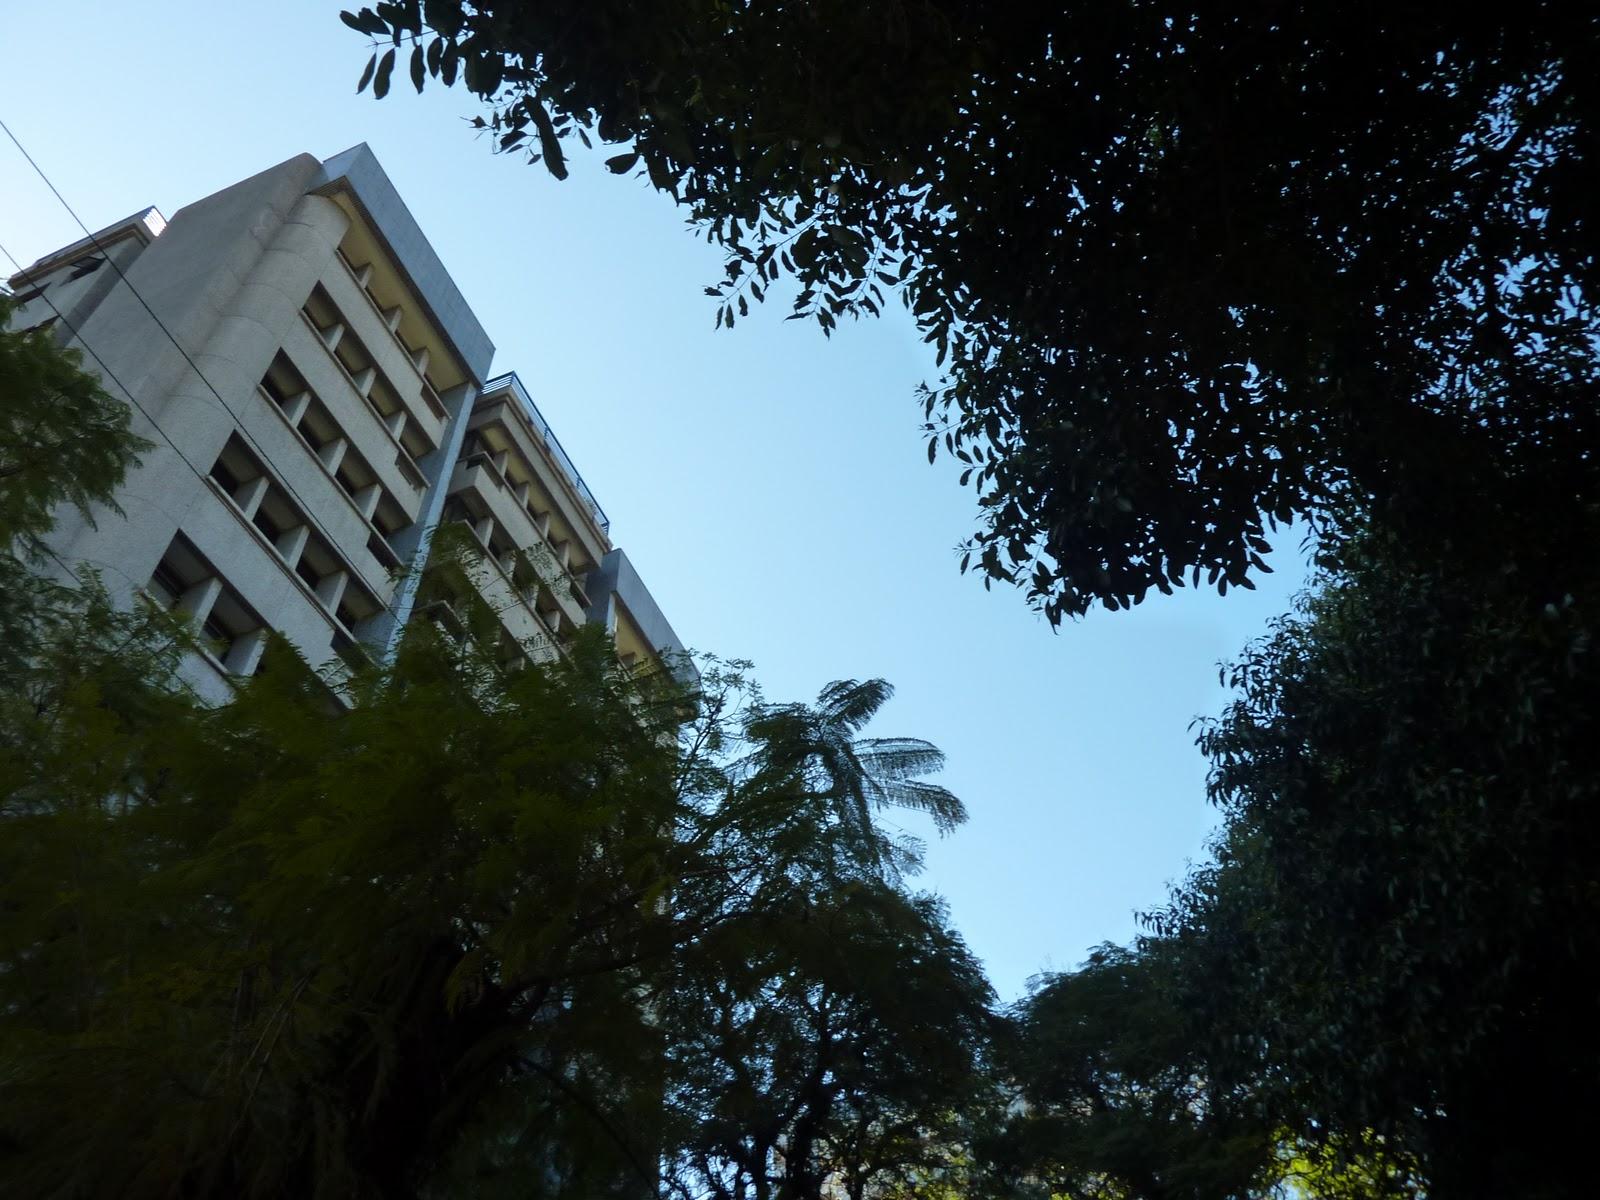 Global paths: Arcos árboreos de Porto Alegre